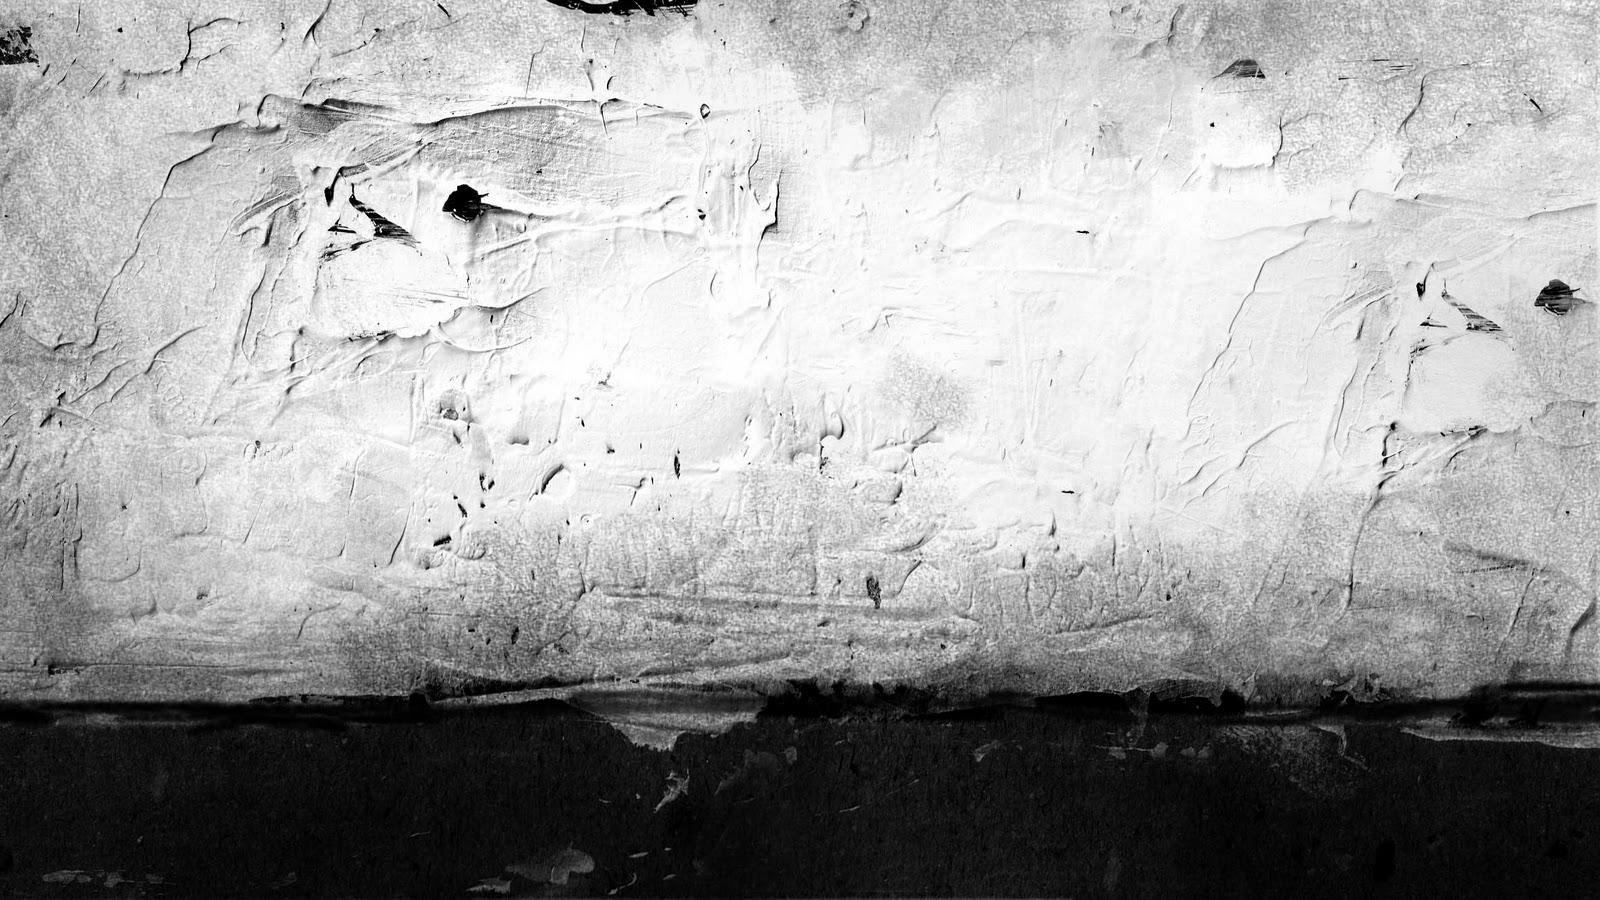 paredes blancas mitos y leyendas urbanas